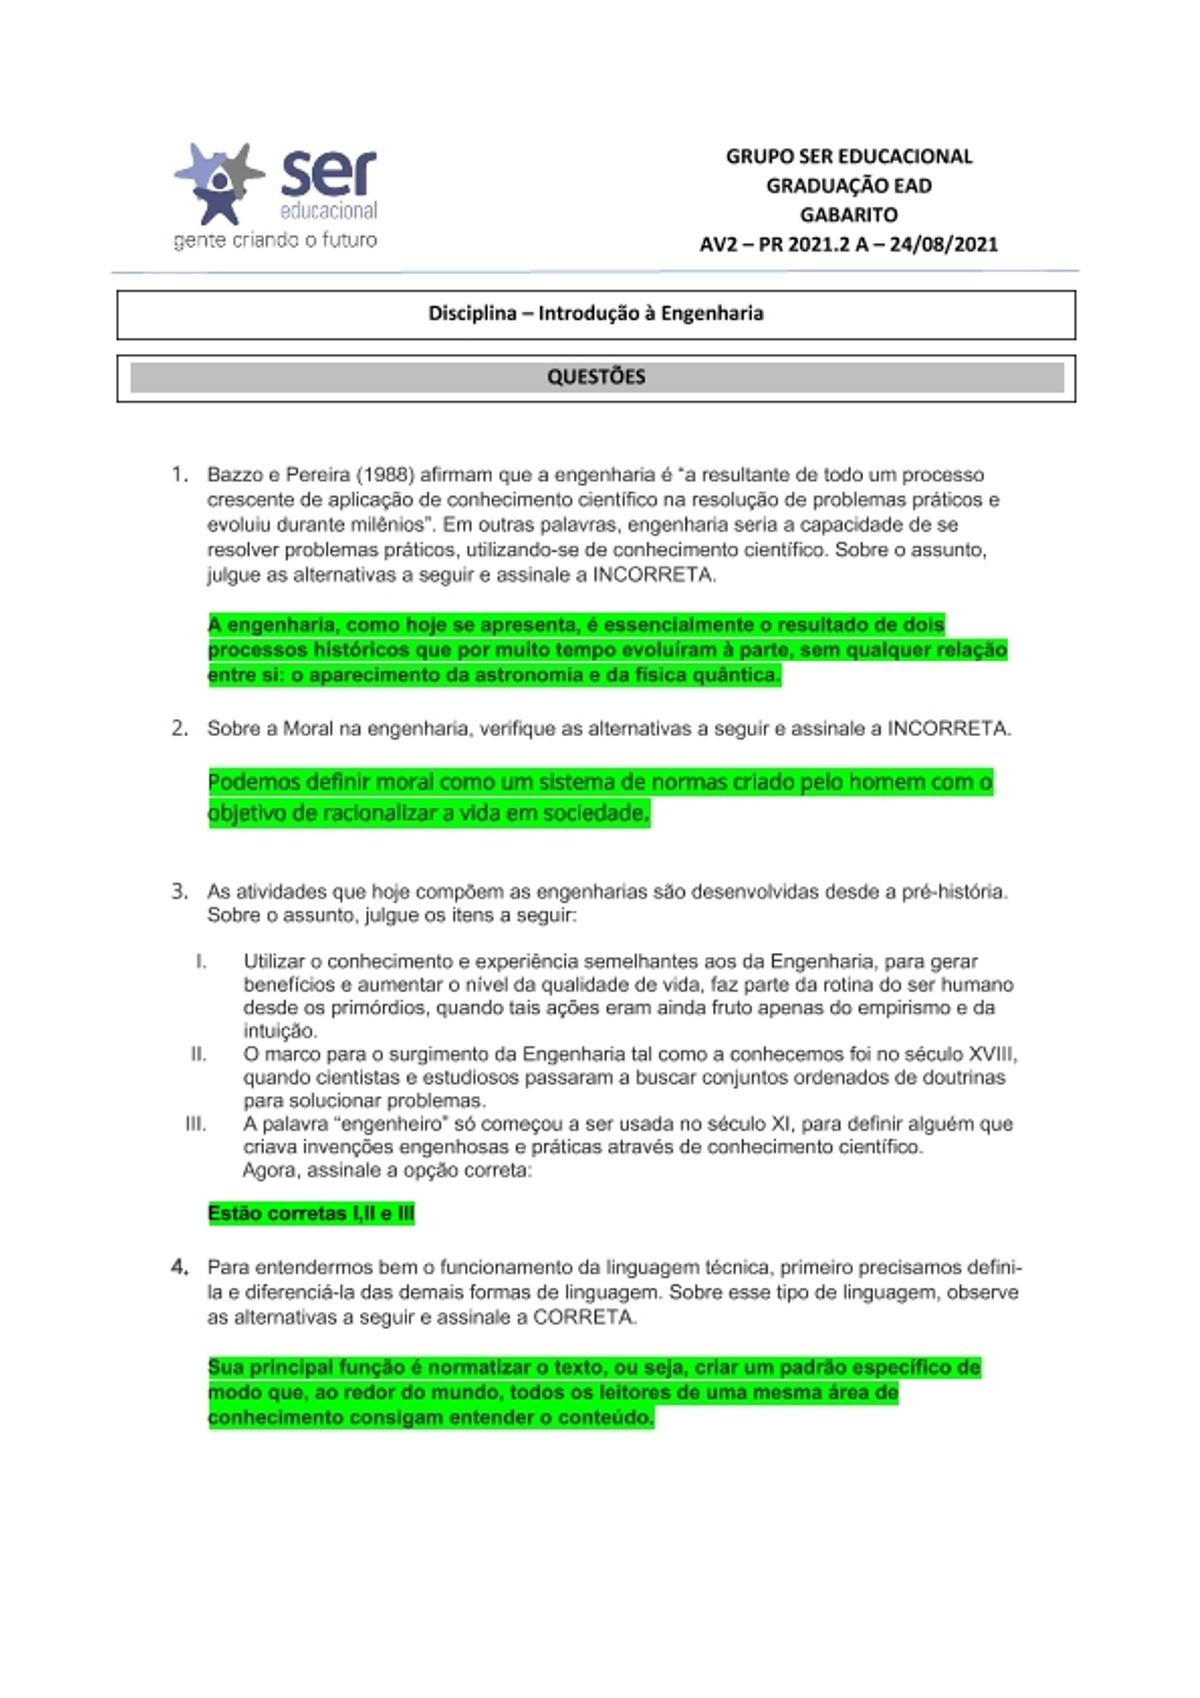 Pre-visualização do material AV 2 - Introdução à engenharia 2021 2 A - página 1